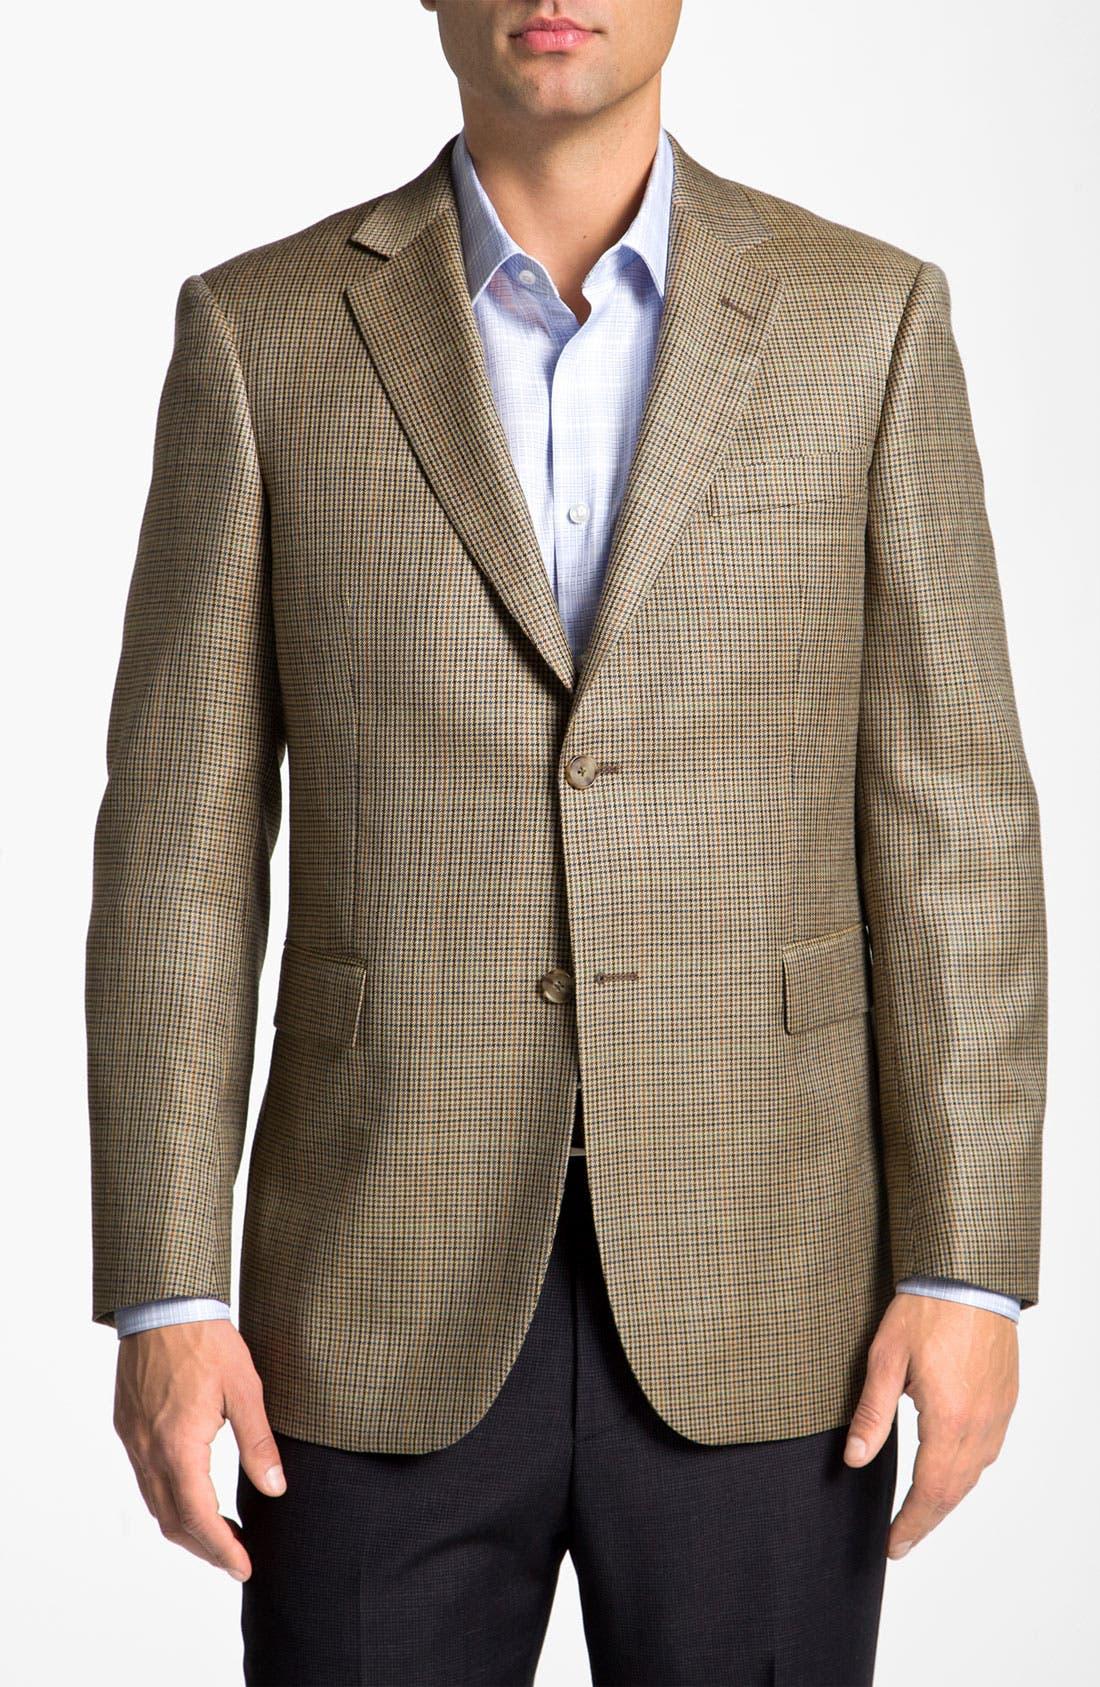 Main Image - John W. Nordstrom® Check Sportcoat